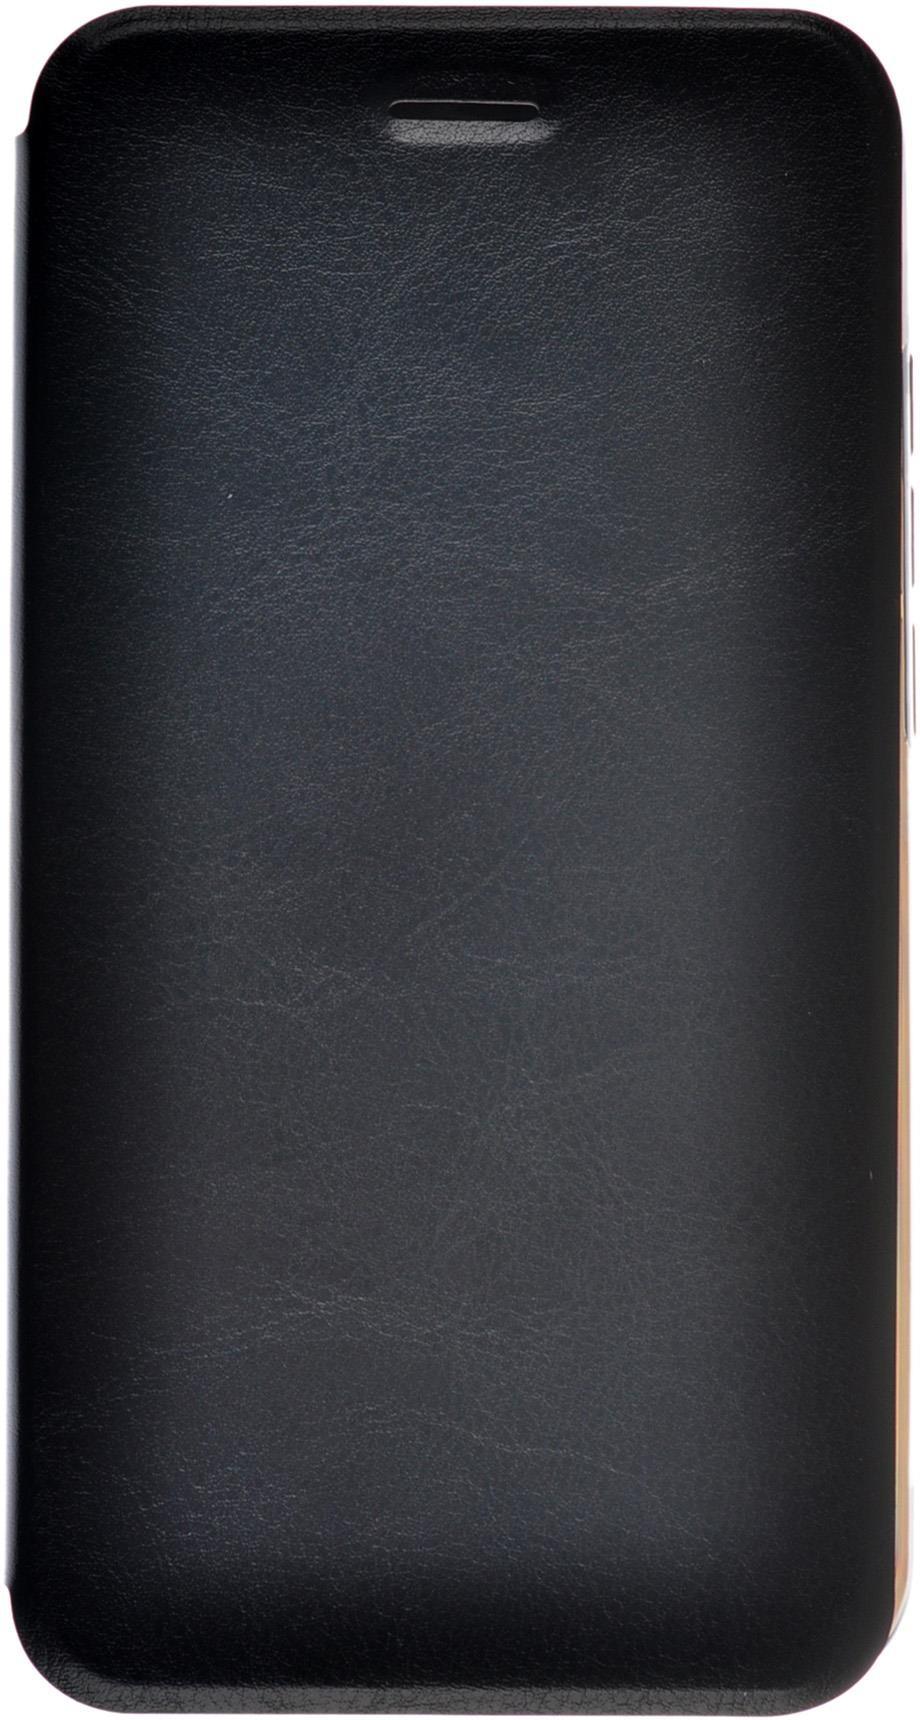 Чехол для сотового телефона skinBOX Lux, 4630042527133, черный цена